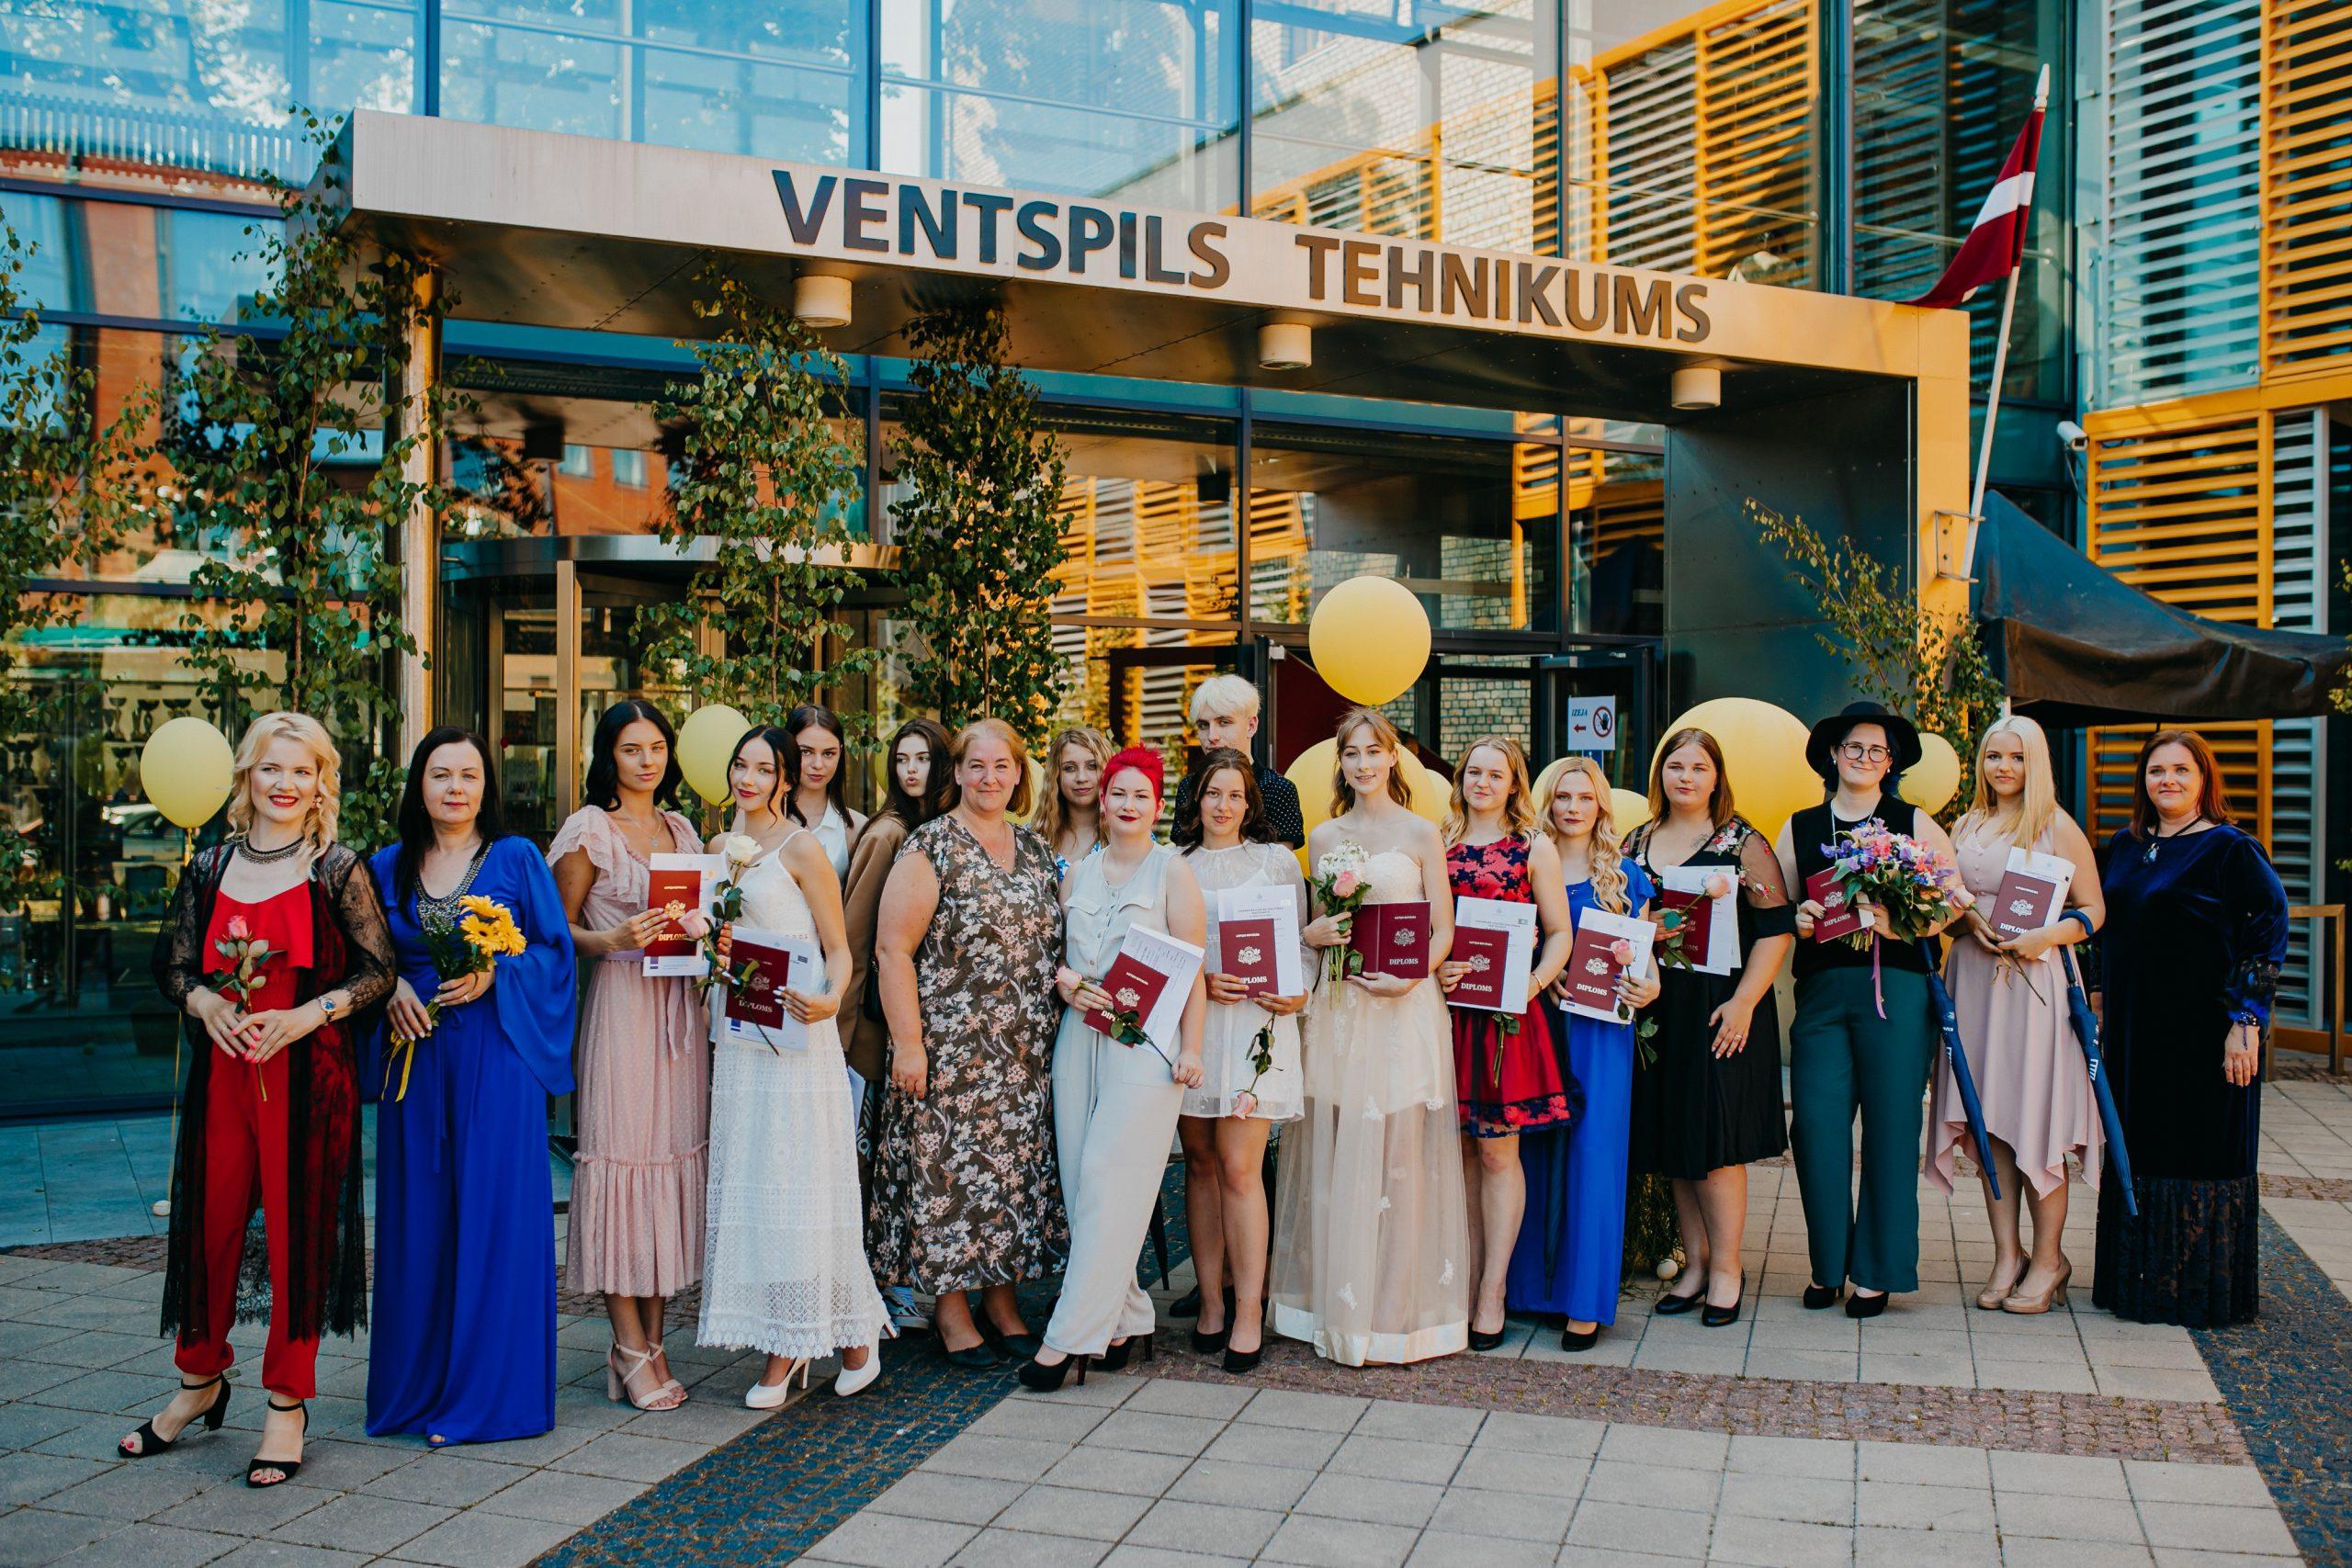 Ventspils Tehnikumā diplomus iegūst 150 jaunie profesionāļi